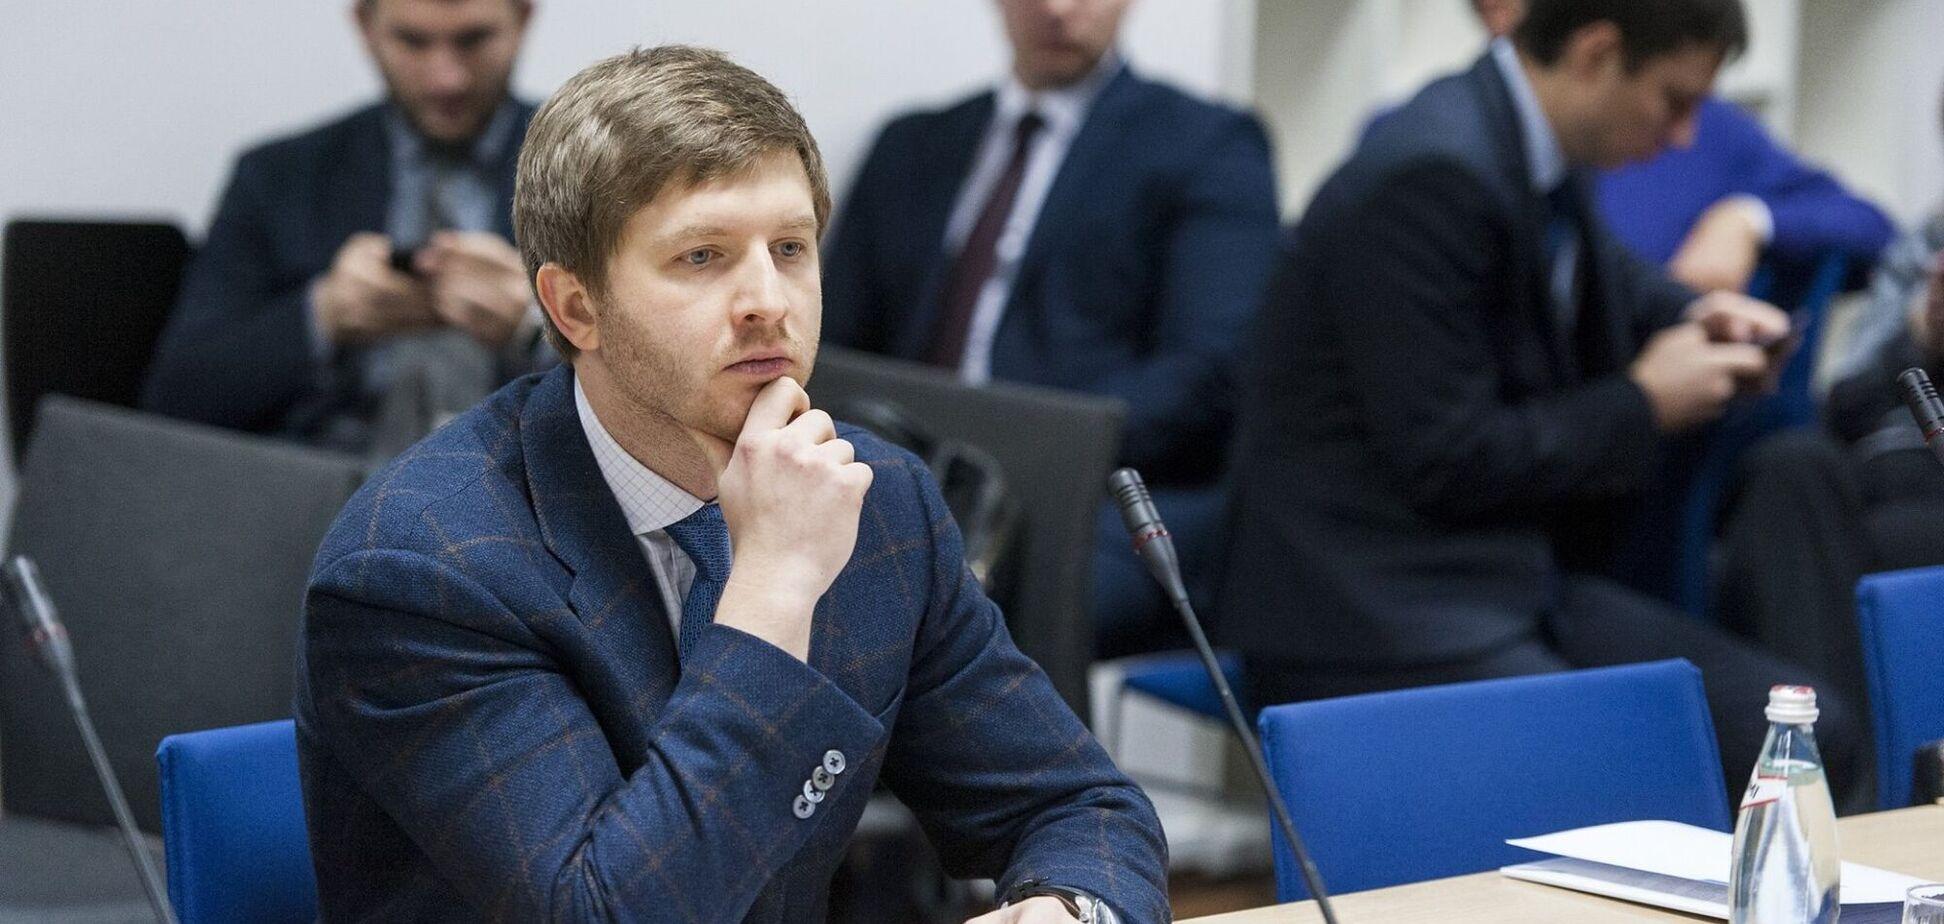 Вовк повідомив про інформаційну кампанію з дискредитації Міністерства енергетики